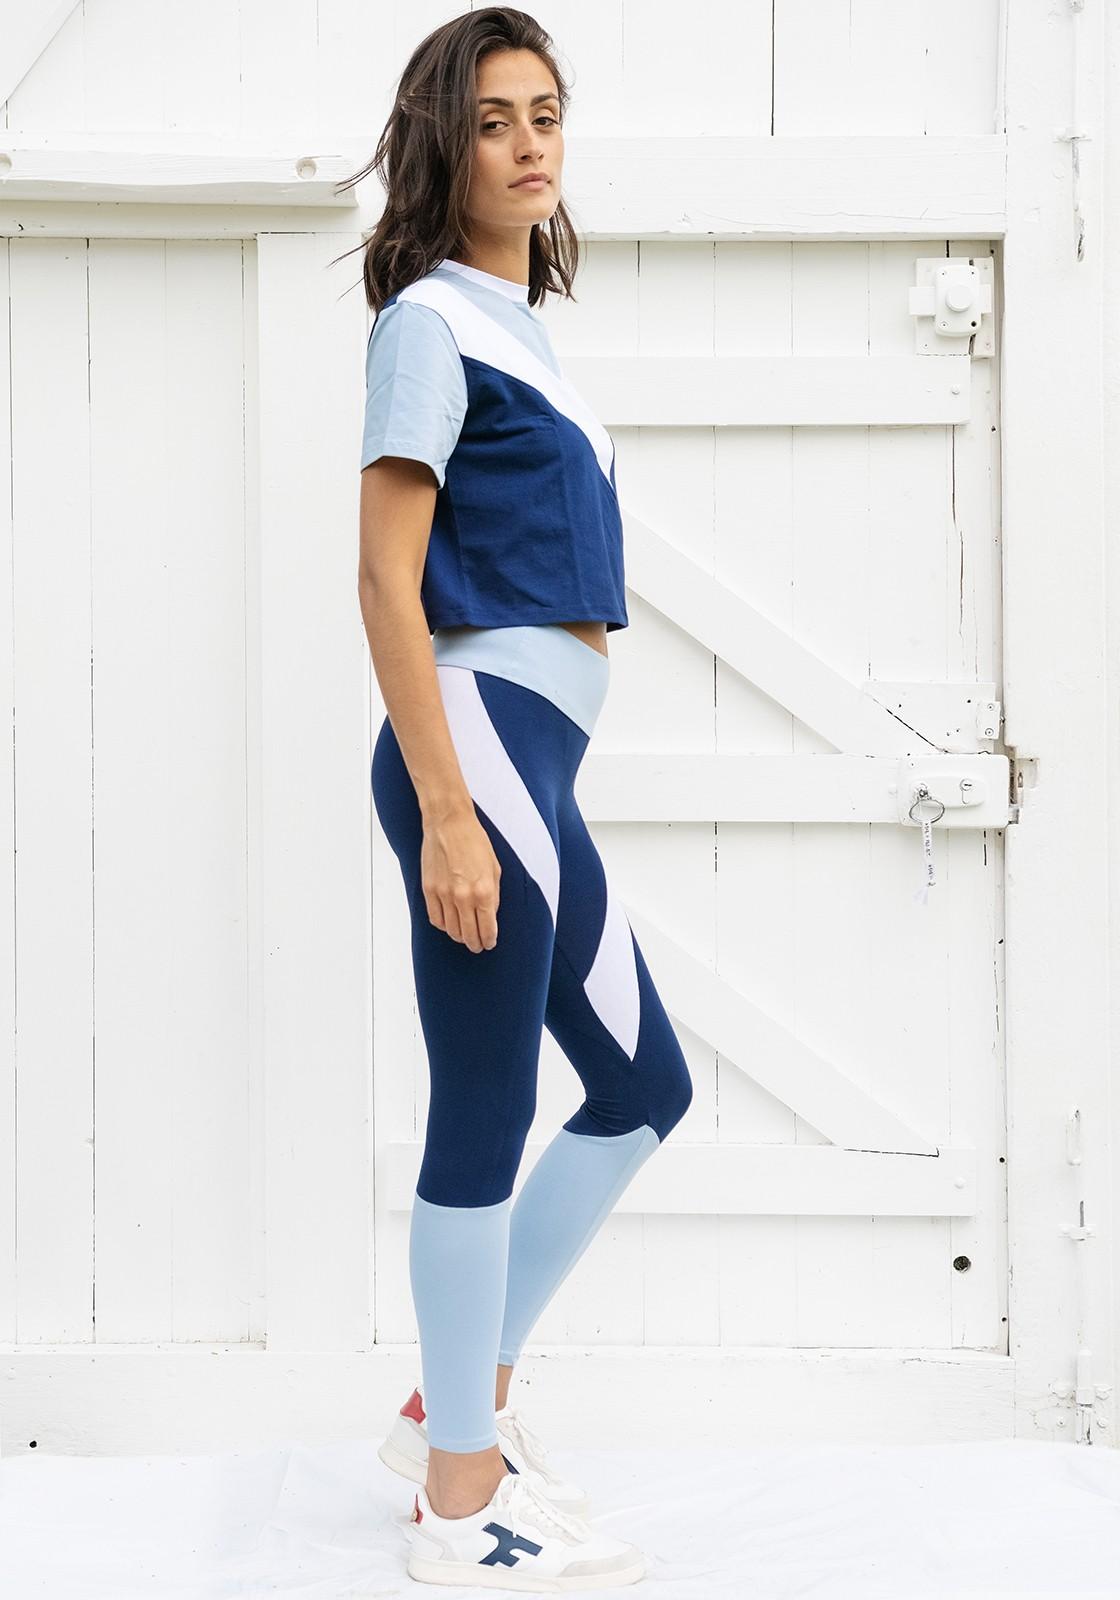 JANE Navy blue, white and azureyoga legging -  Active wear